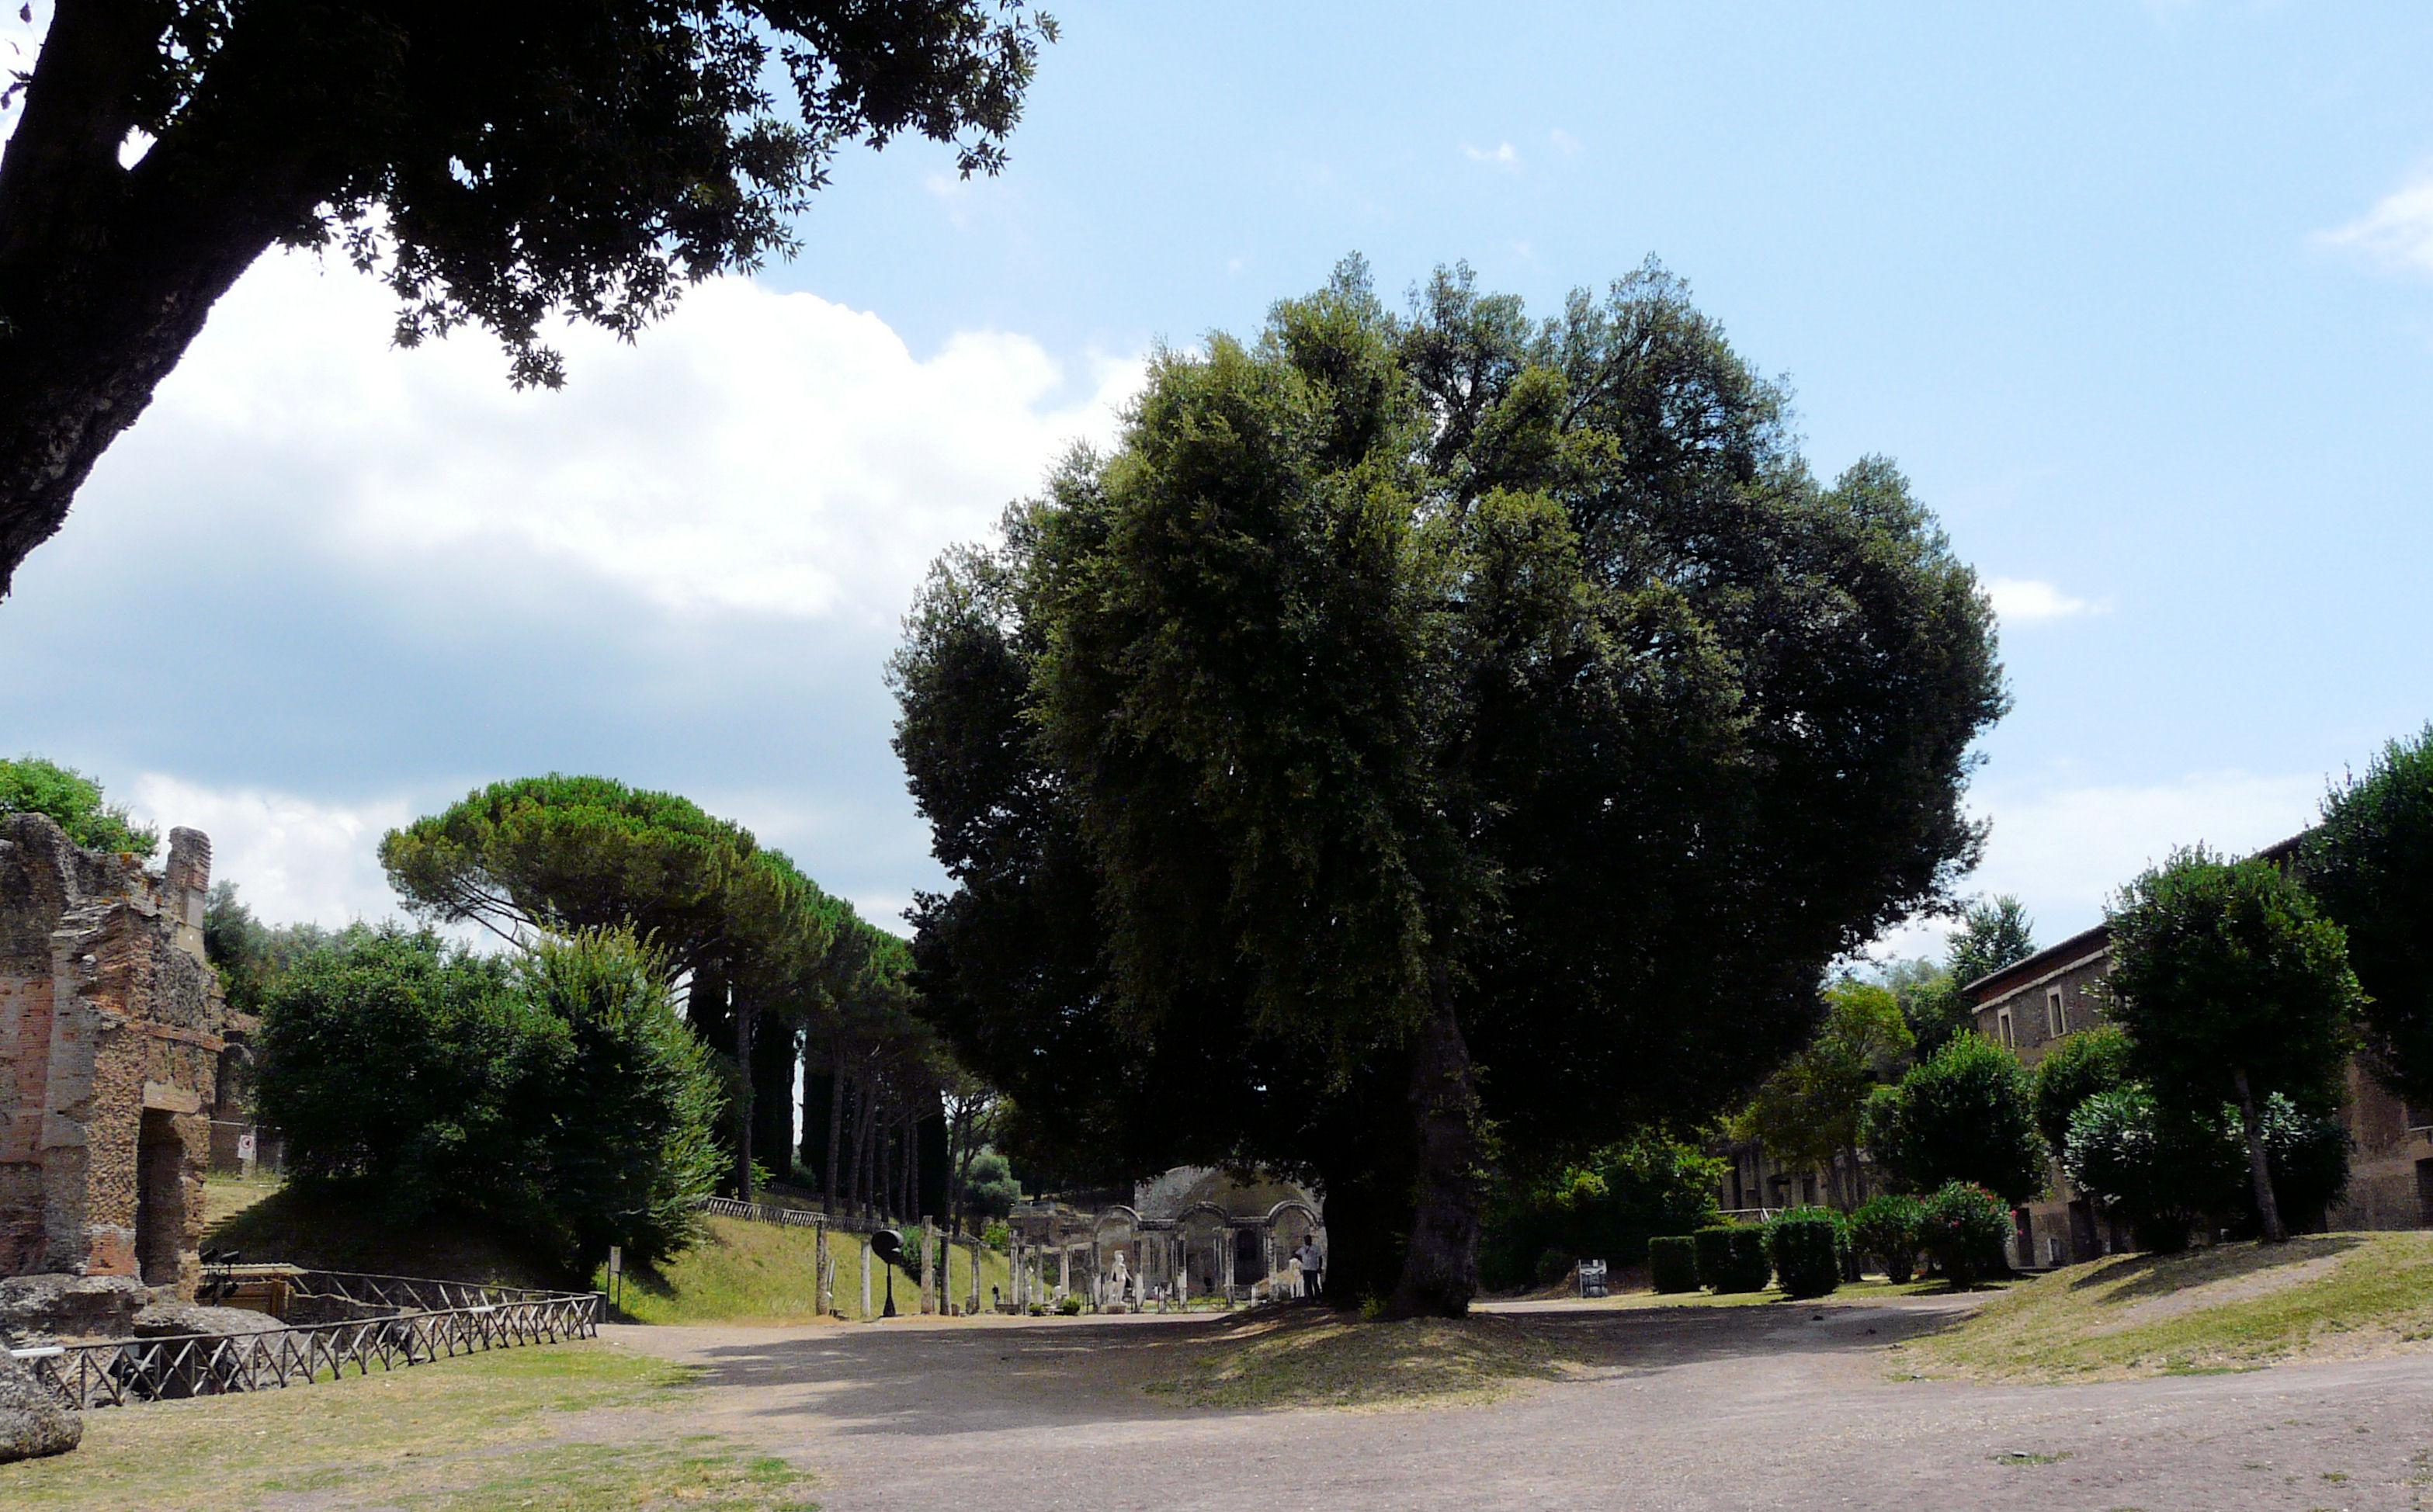 © Dipartimento di Scienze della Vita, Università di Trieste<br>by Andrea Moro<br>Comune di Tivoli, Villa Adriana, RO, Lazio, Italia, 18/07/2011<br>Distributed under CC-BY-SA 4.0 license.